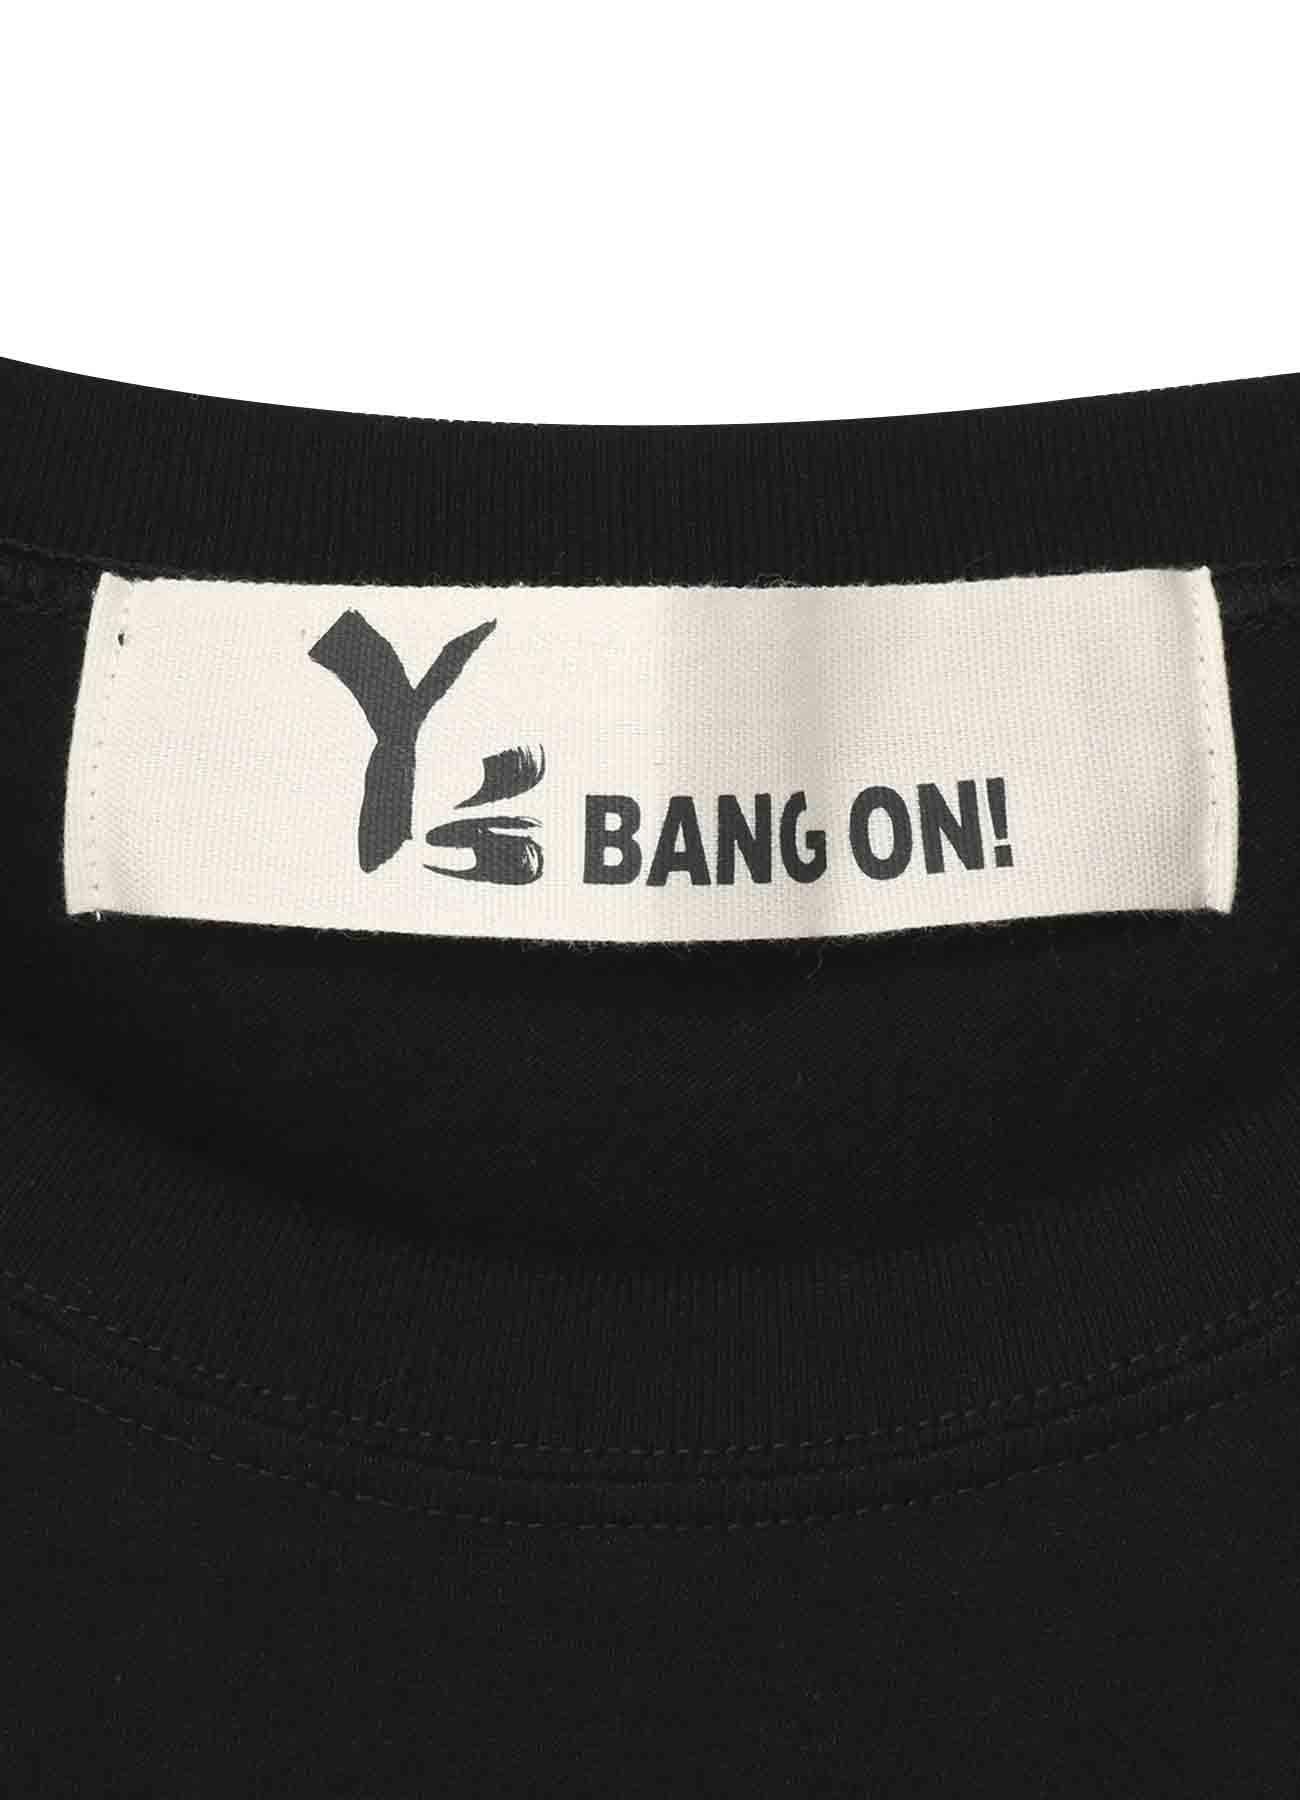 BANG ON! デカロゴ Tシャツ 長袖